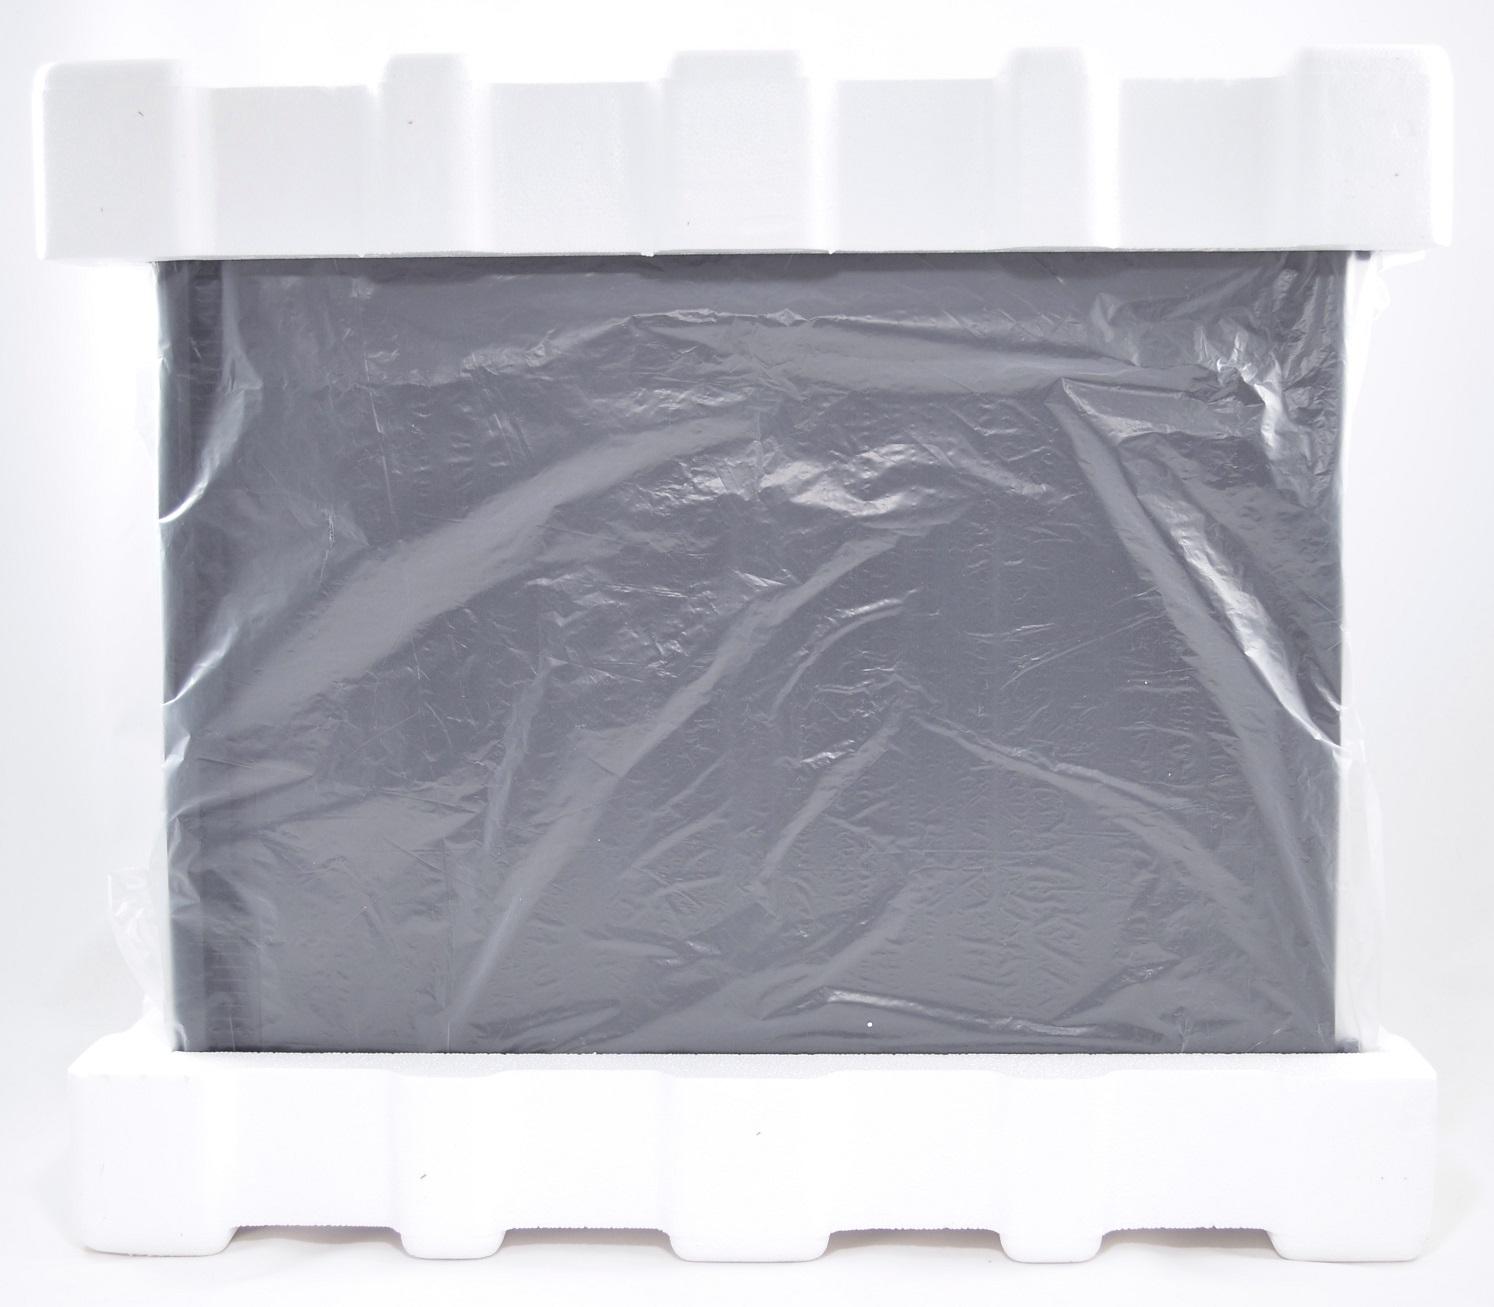 r5-packing-0.jpg